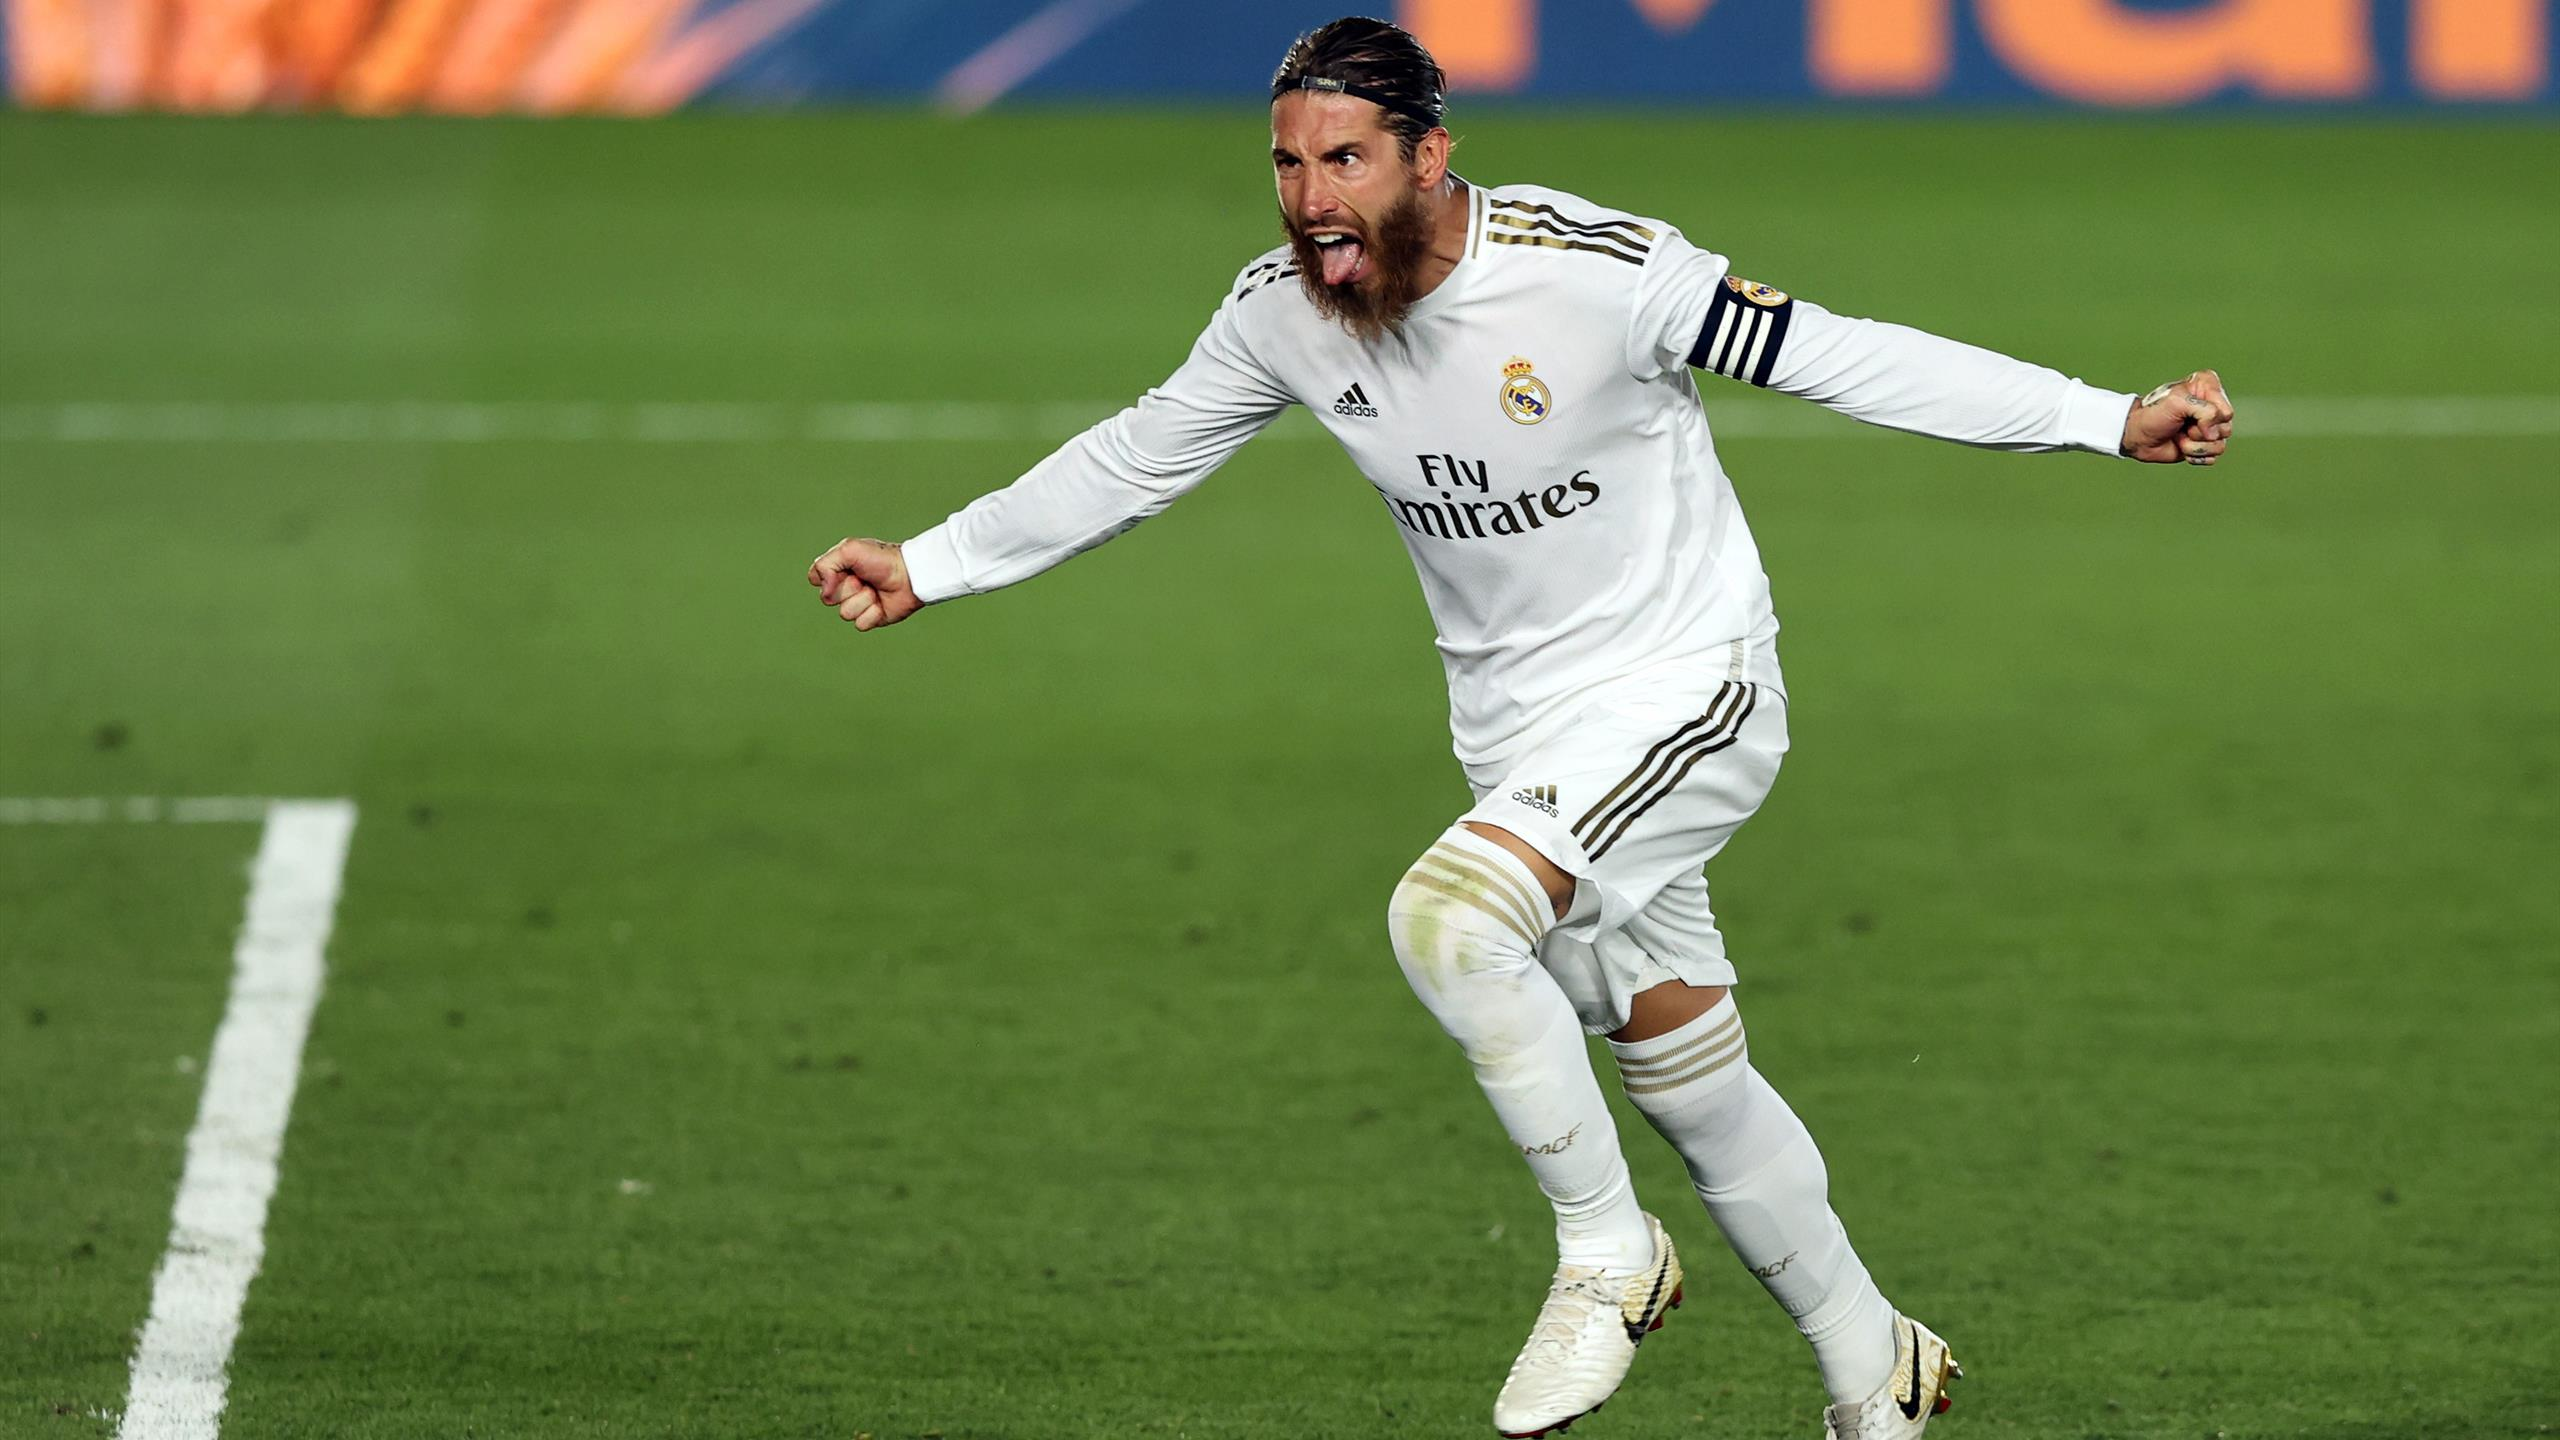 Рамос выдает лучший сезон в карьере и тащит «Реал» к чемпионству. Серхио – не токсичный, как Месси